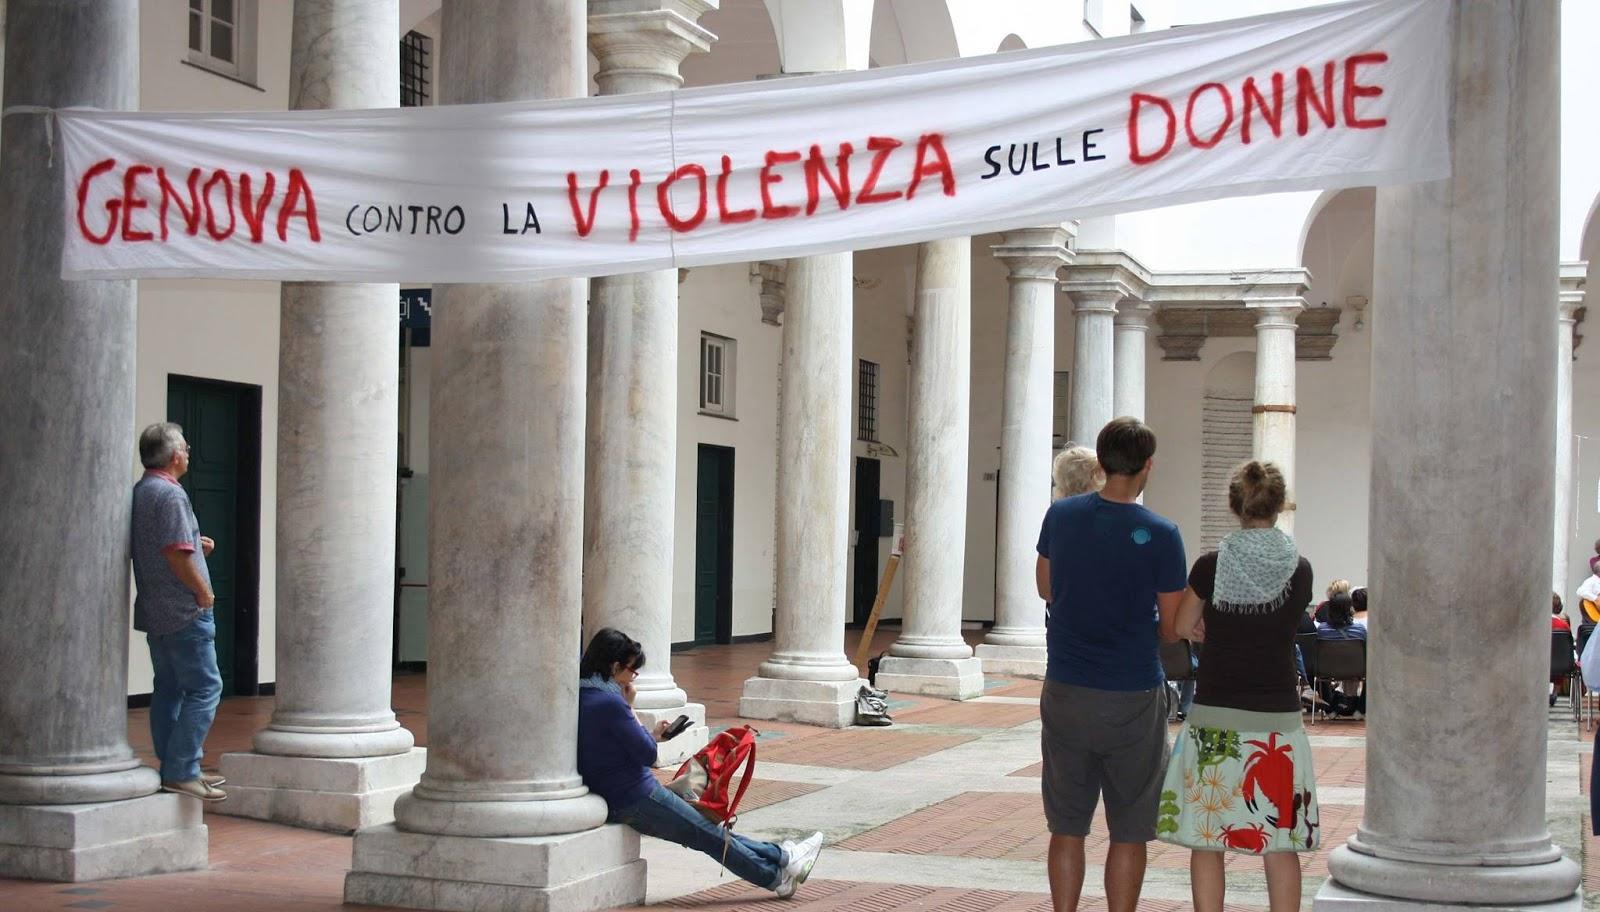 La Repetto Donne Diego Violenza Genova Sulle Contro Writer cUFWaHwq6